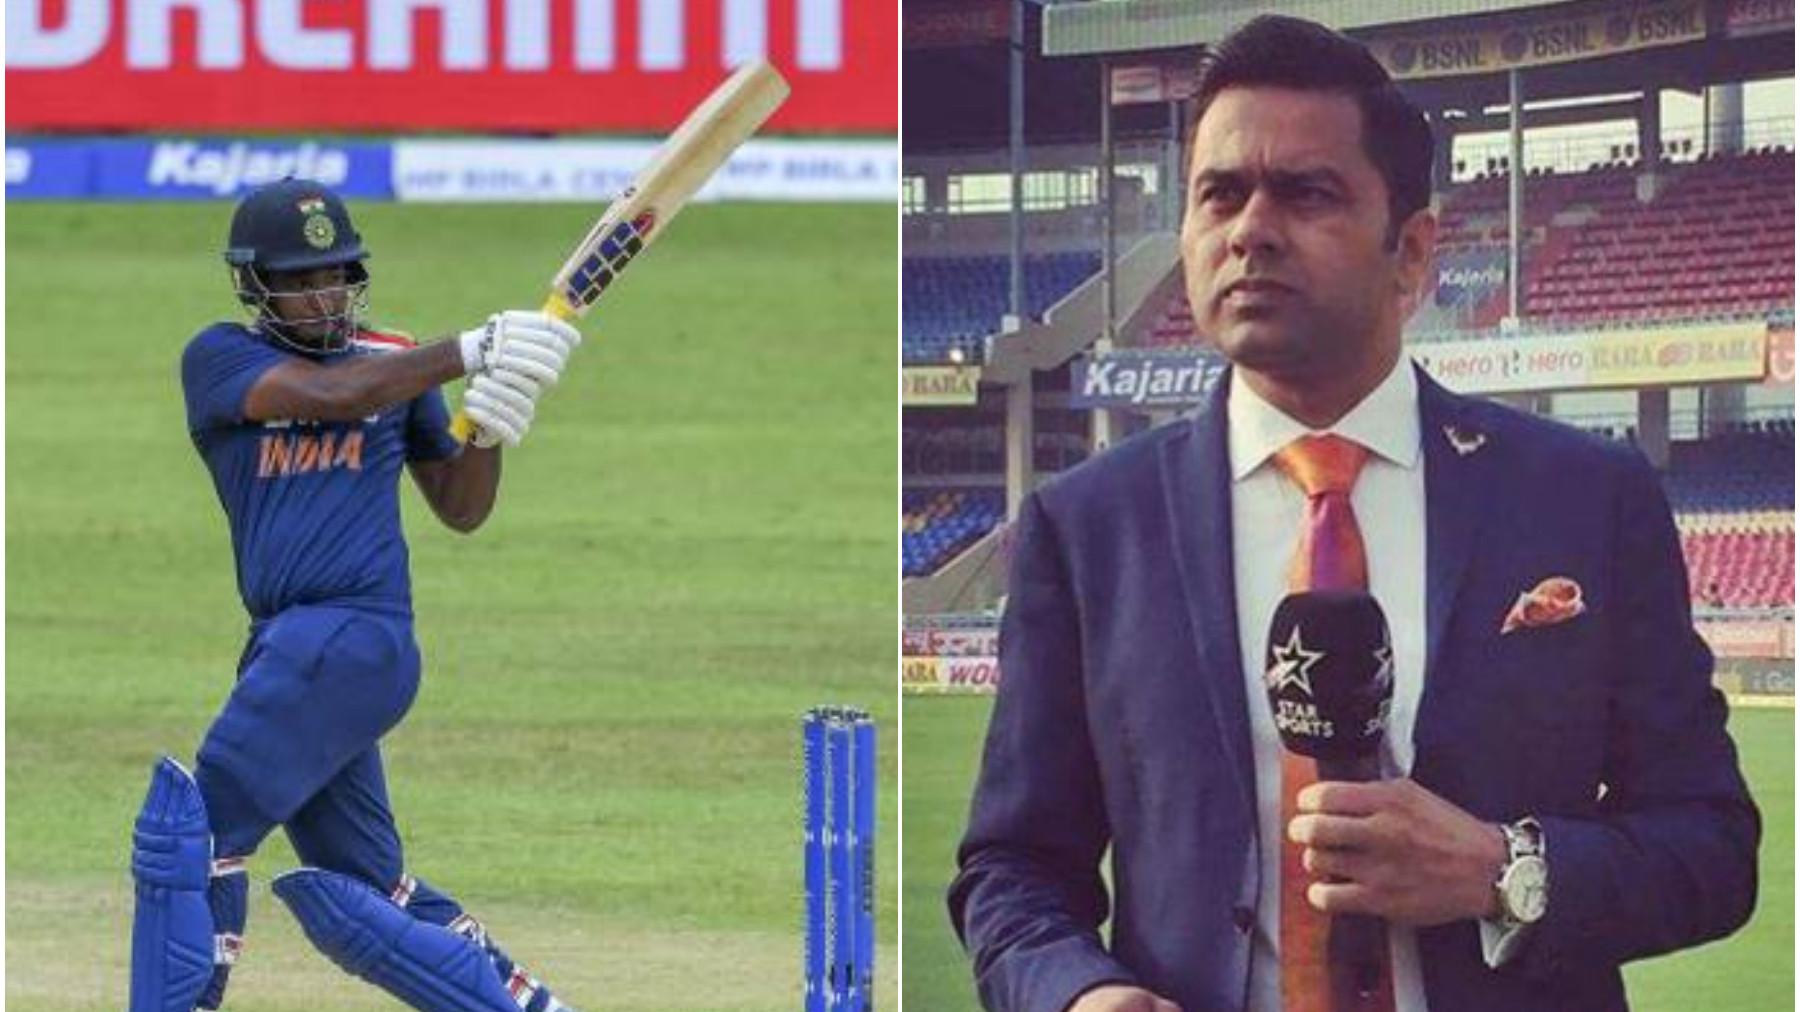 SL v IND 2021: Sanju Samson let a great opportunity slip, he'll regret this, opines Aakash Chopra